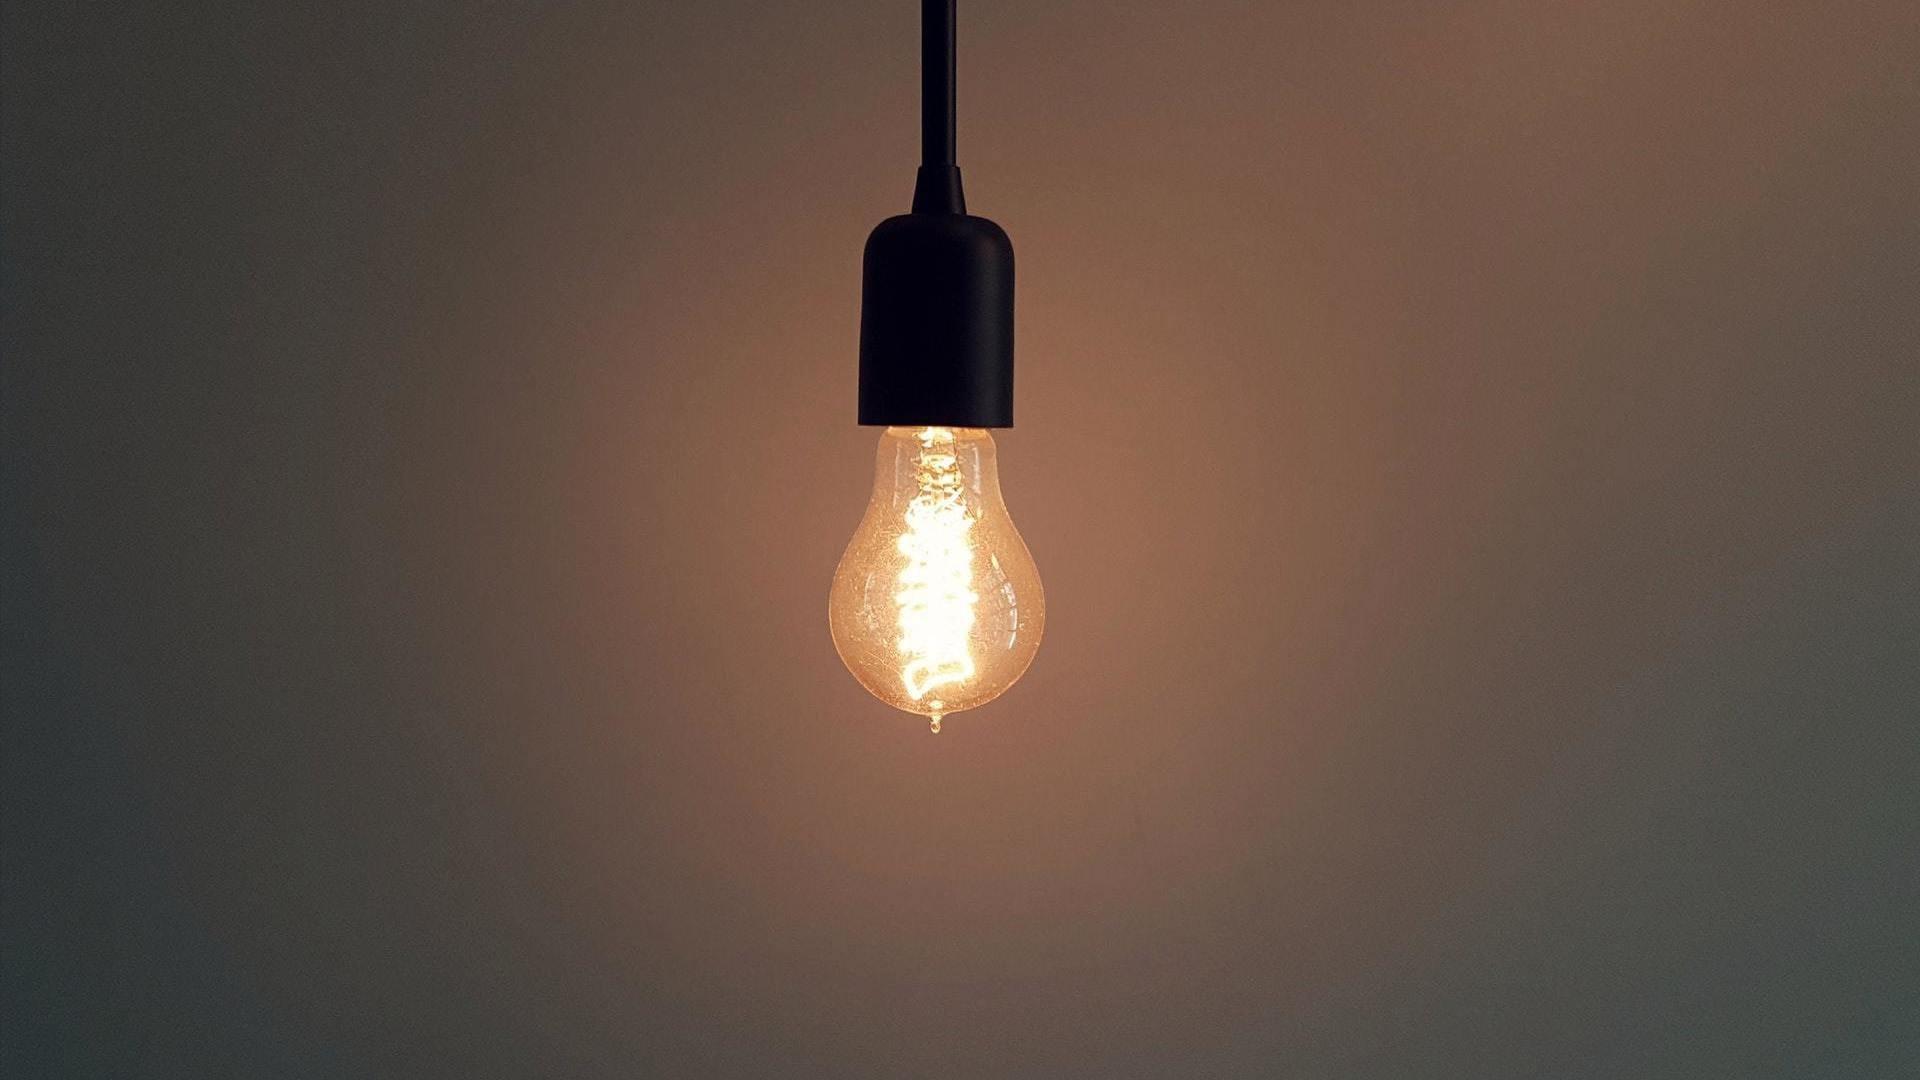 I migliori 20 elettricisti per luce led a reggio nell for Lampade a led lunghe